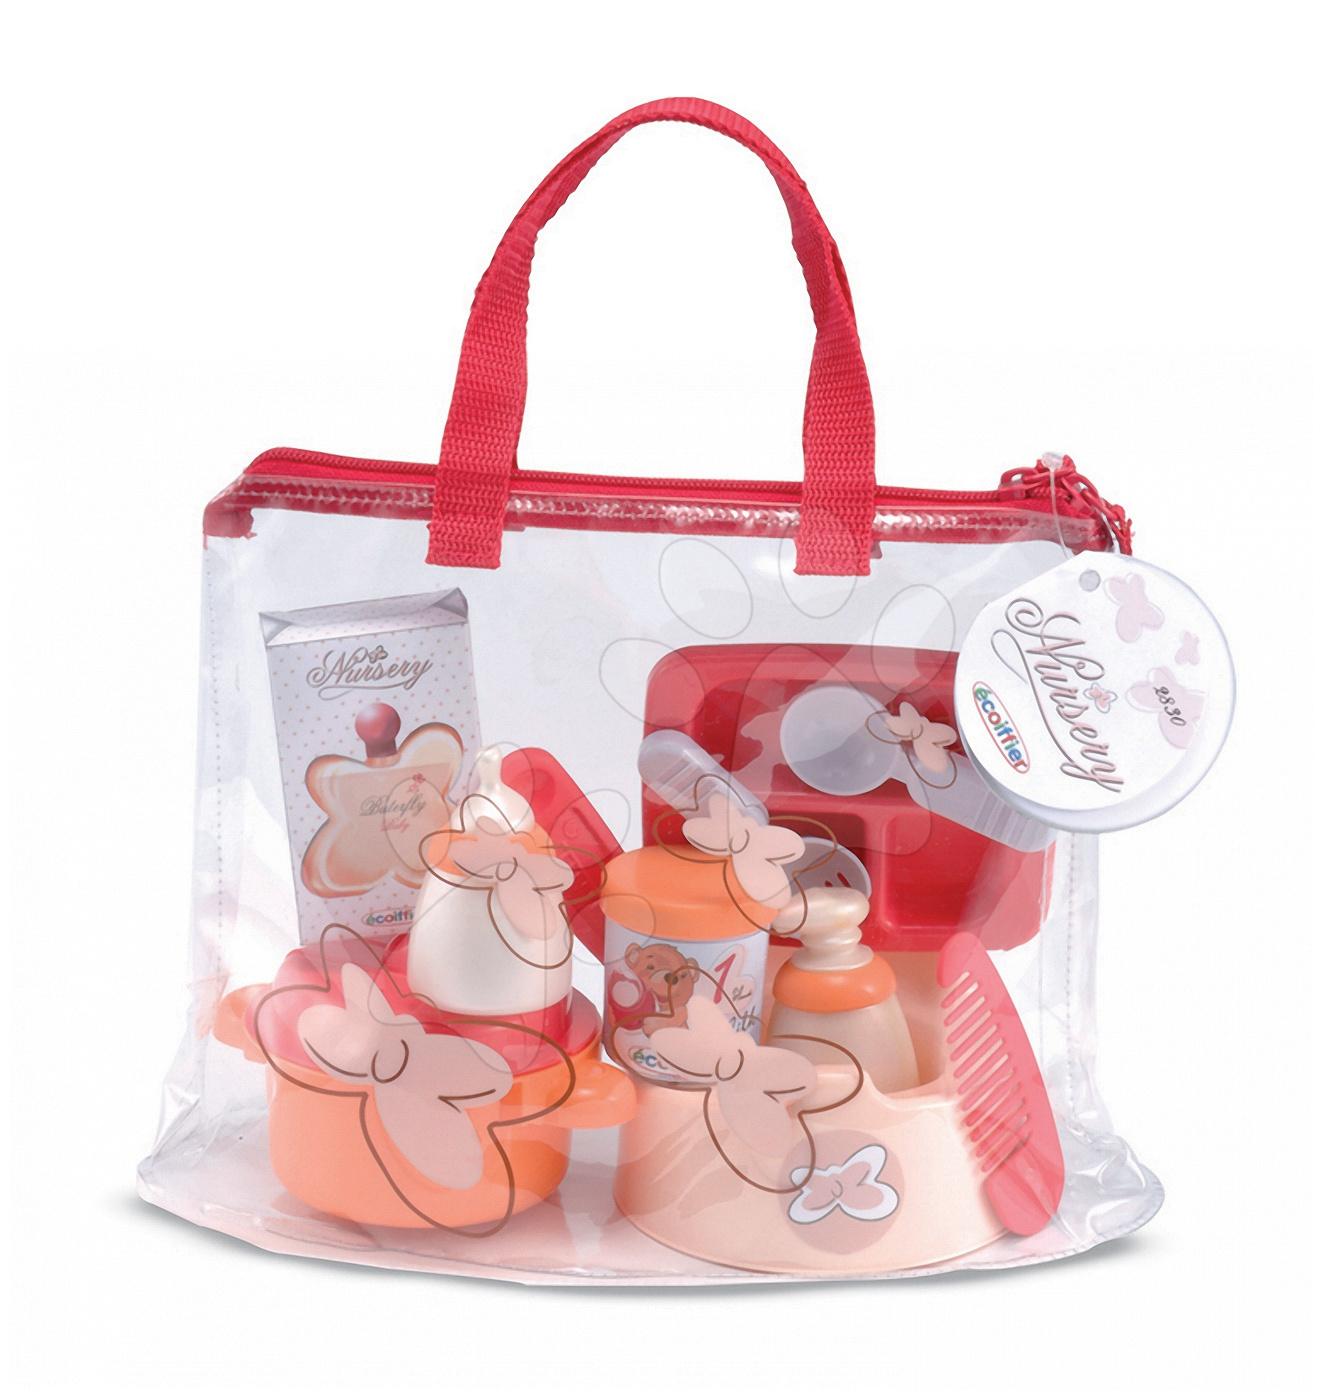 Doplnky pre bábiky - Prebaľovacia súprava pre bábiku Nursery Écoiffier v taške s doplnkami od 18 mes